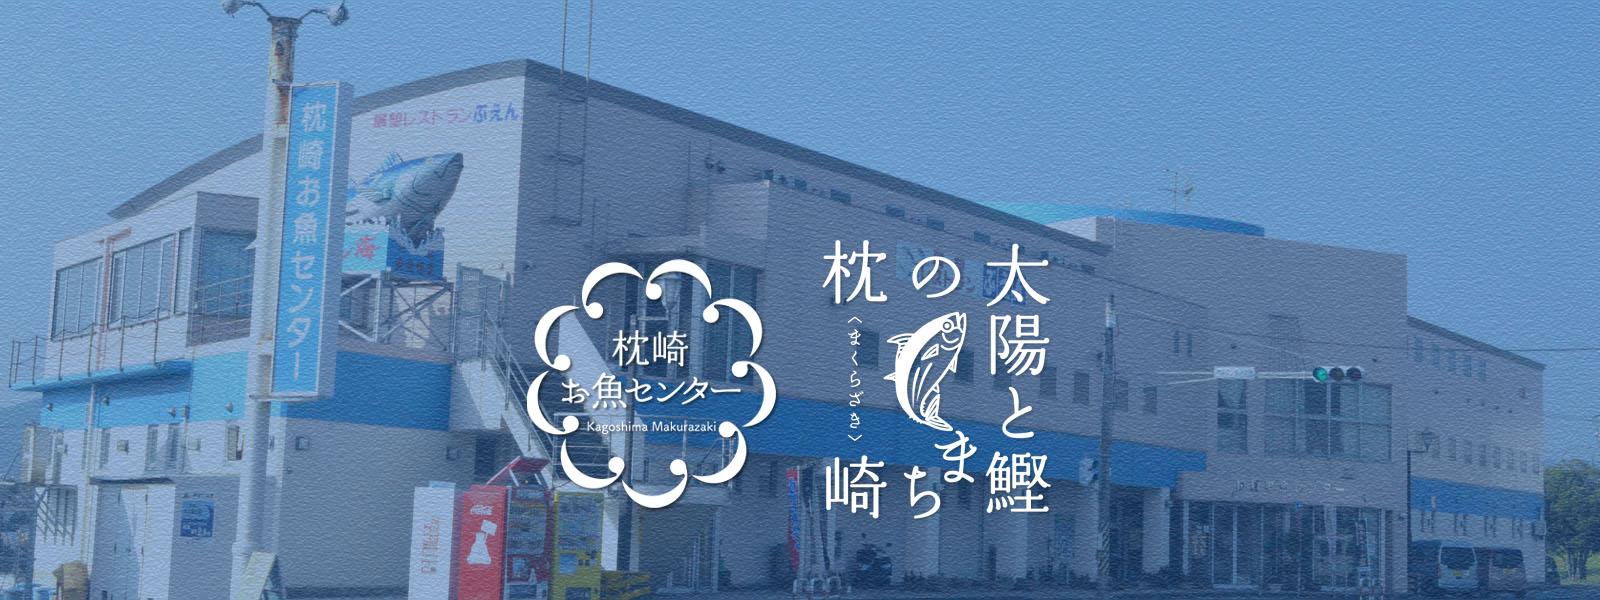 枕崎お魚センターネットショップ イメージ画像